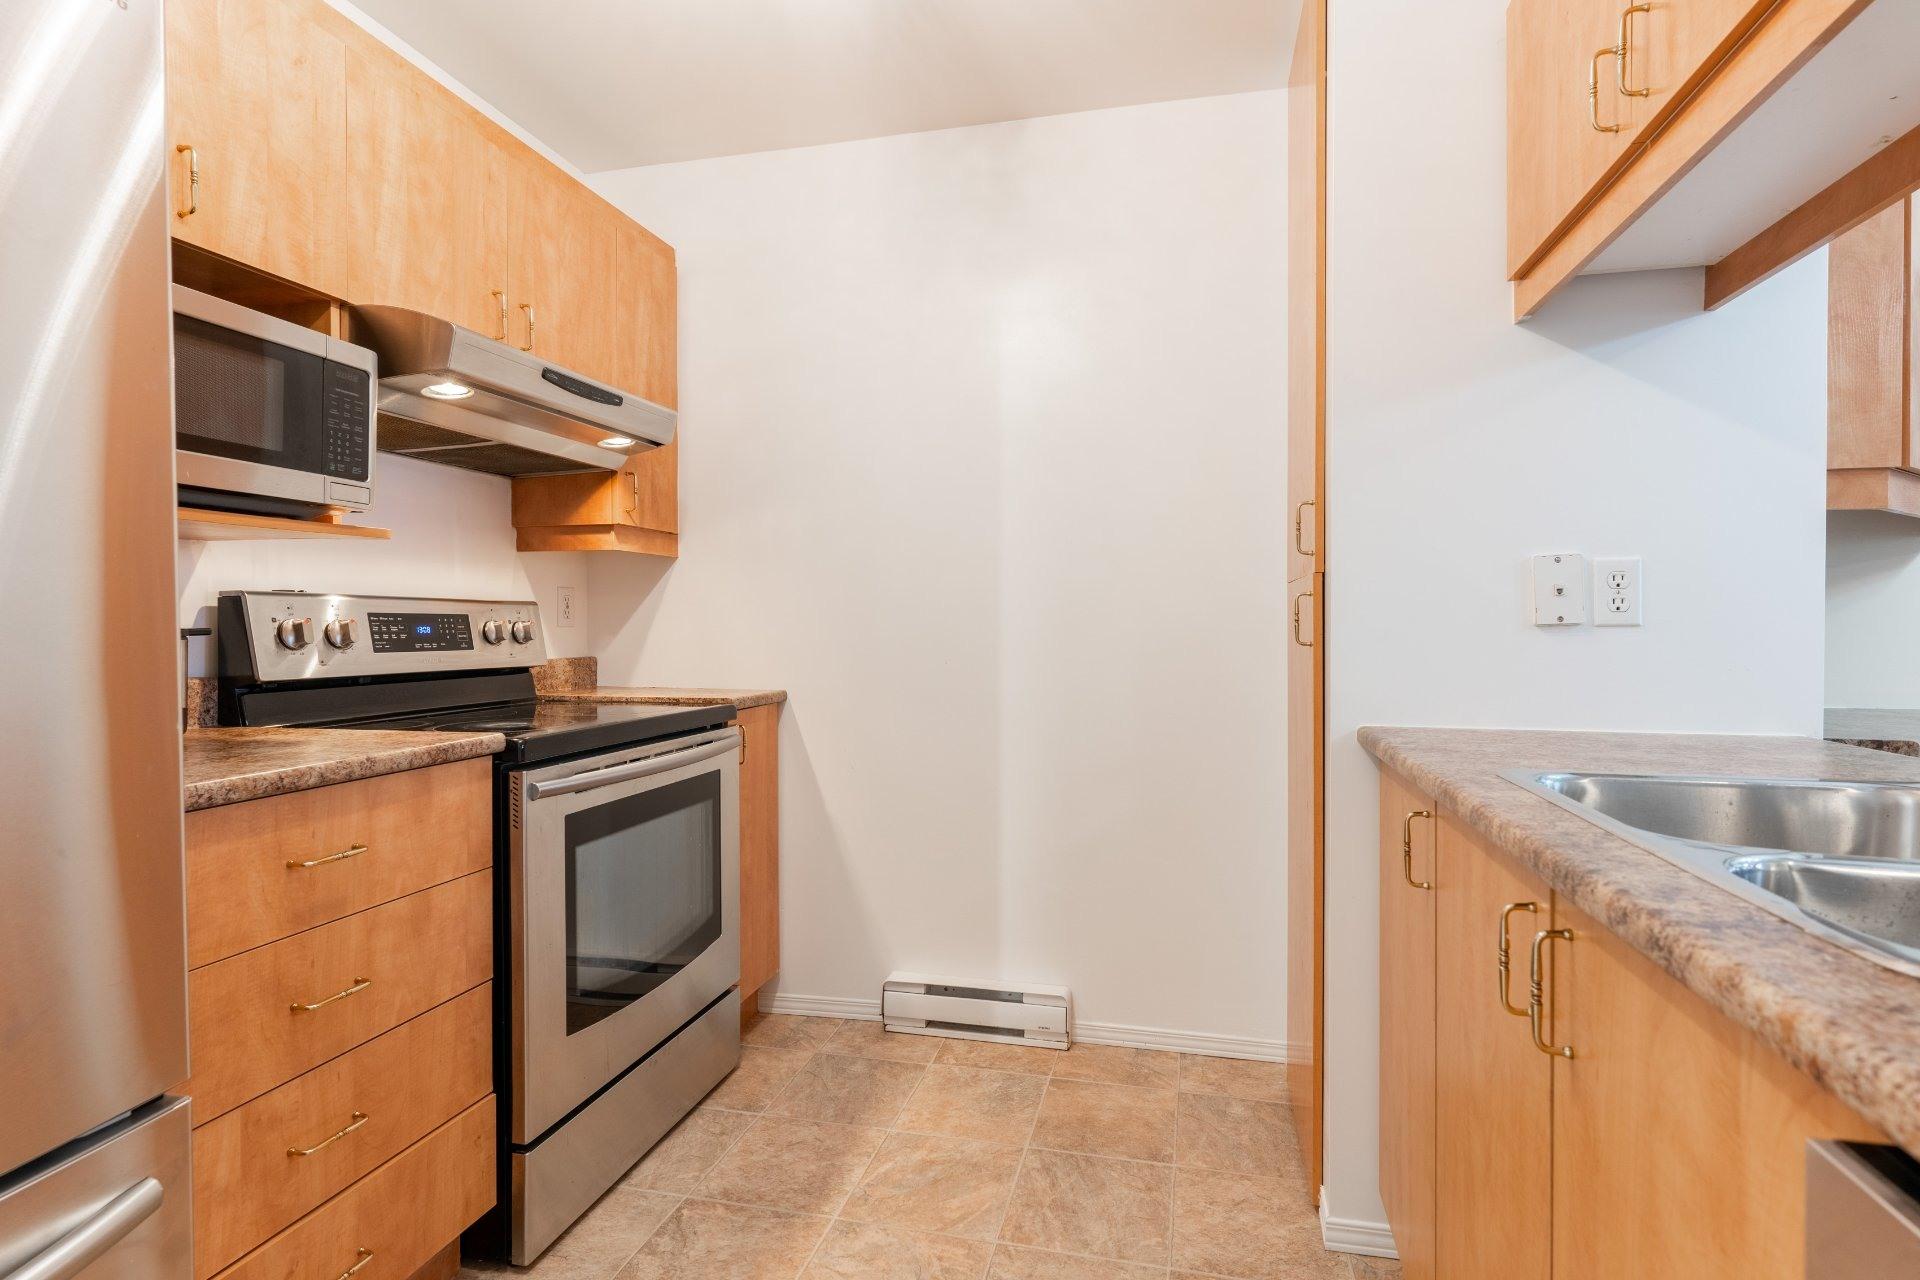 image 5 - Appartement À vendre Saint-Léonard Montréal  - 6 pièces